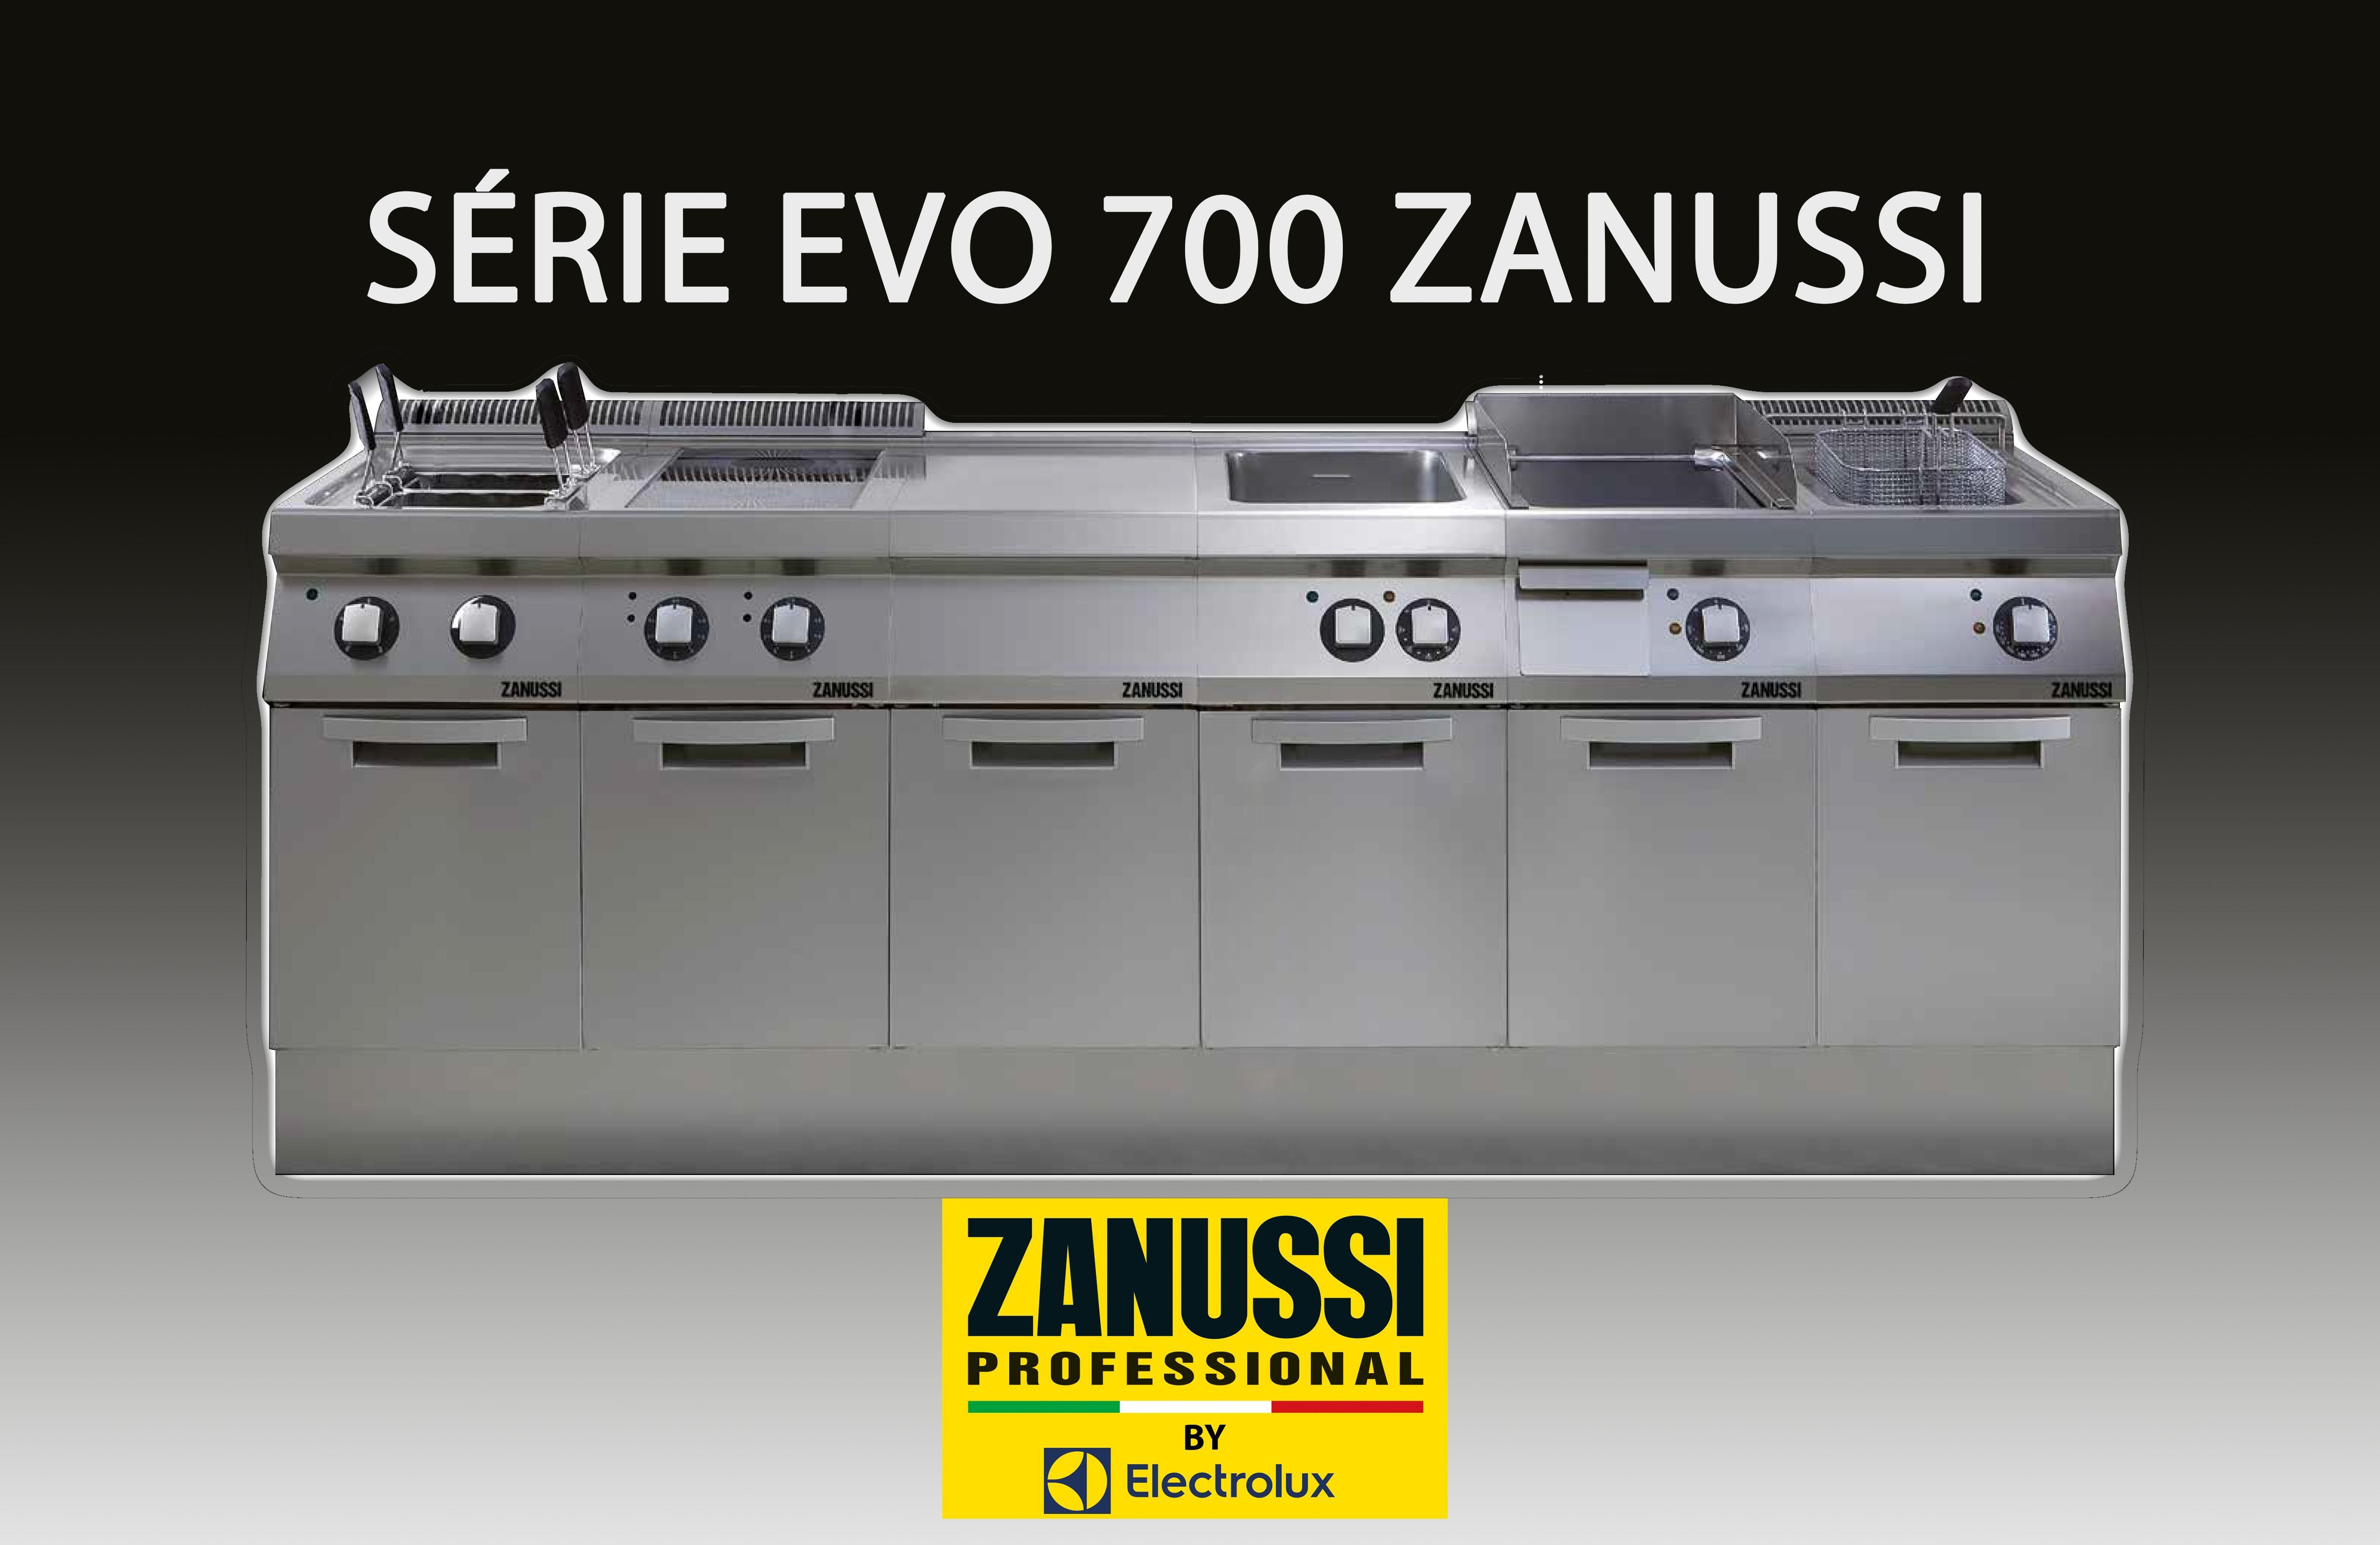 Modules de cuisson Pro Série 700 Zanussi à poser sur meuble | Materiel-horeca | Achat en ligne